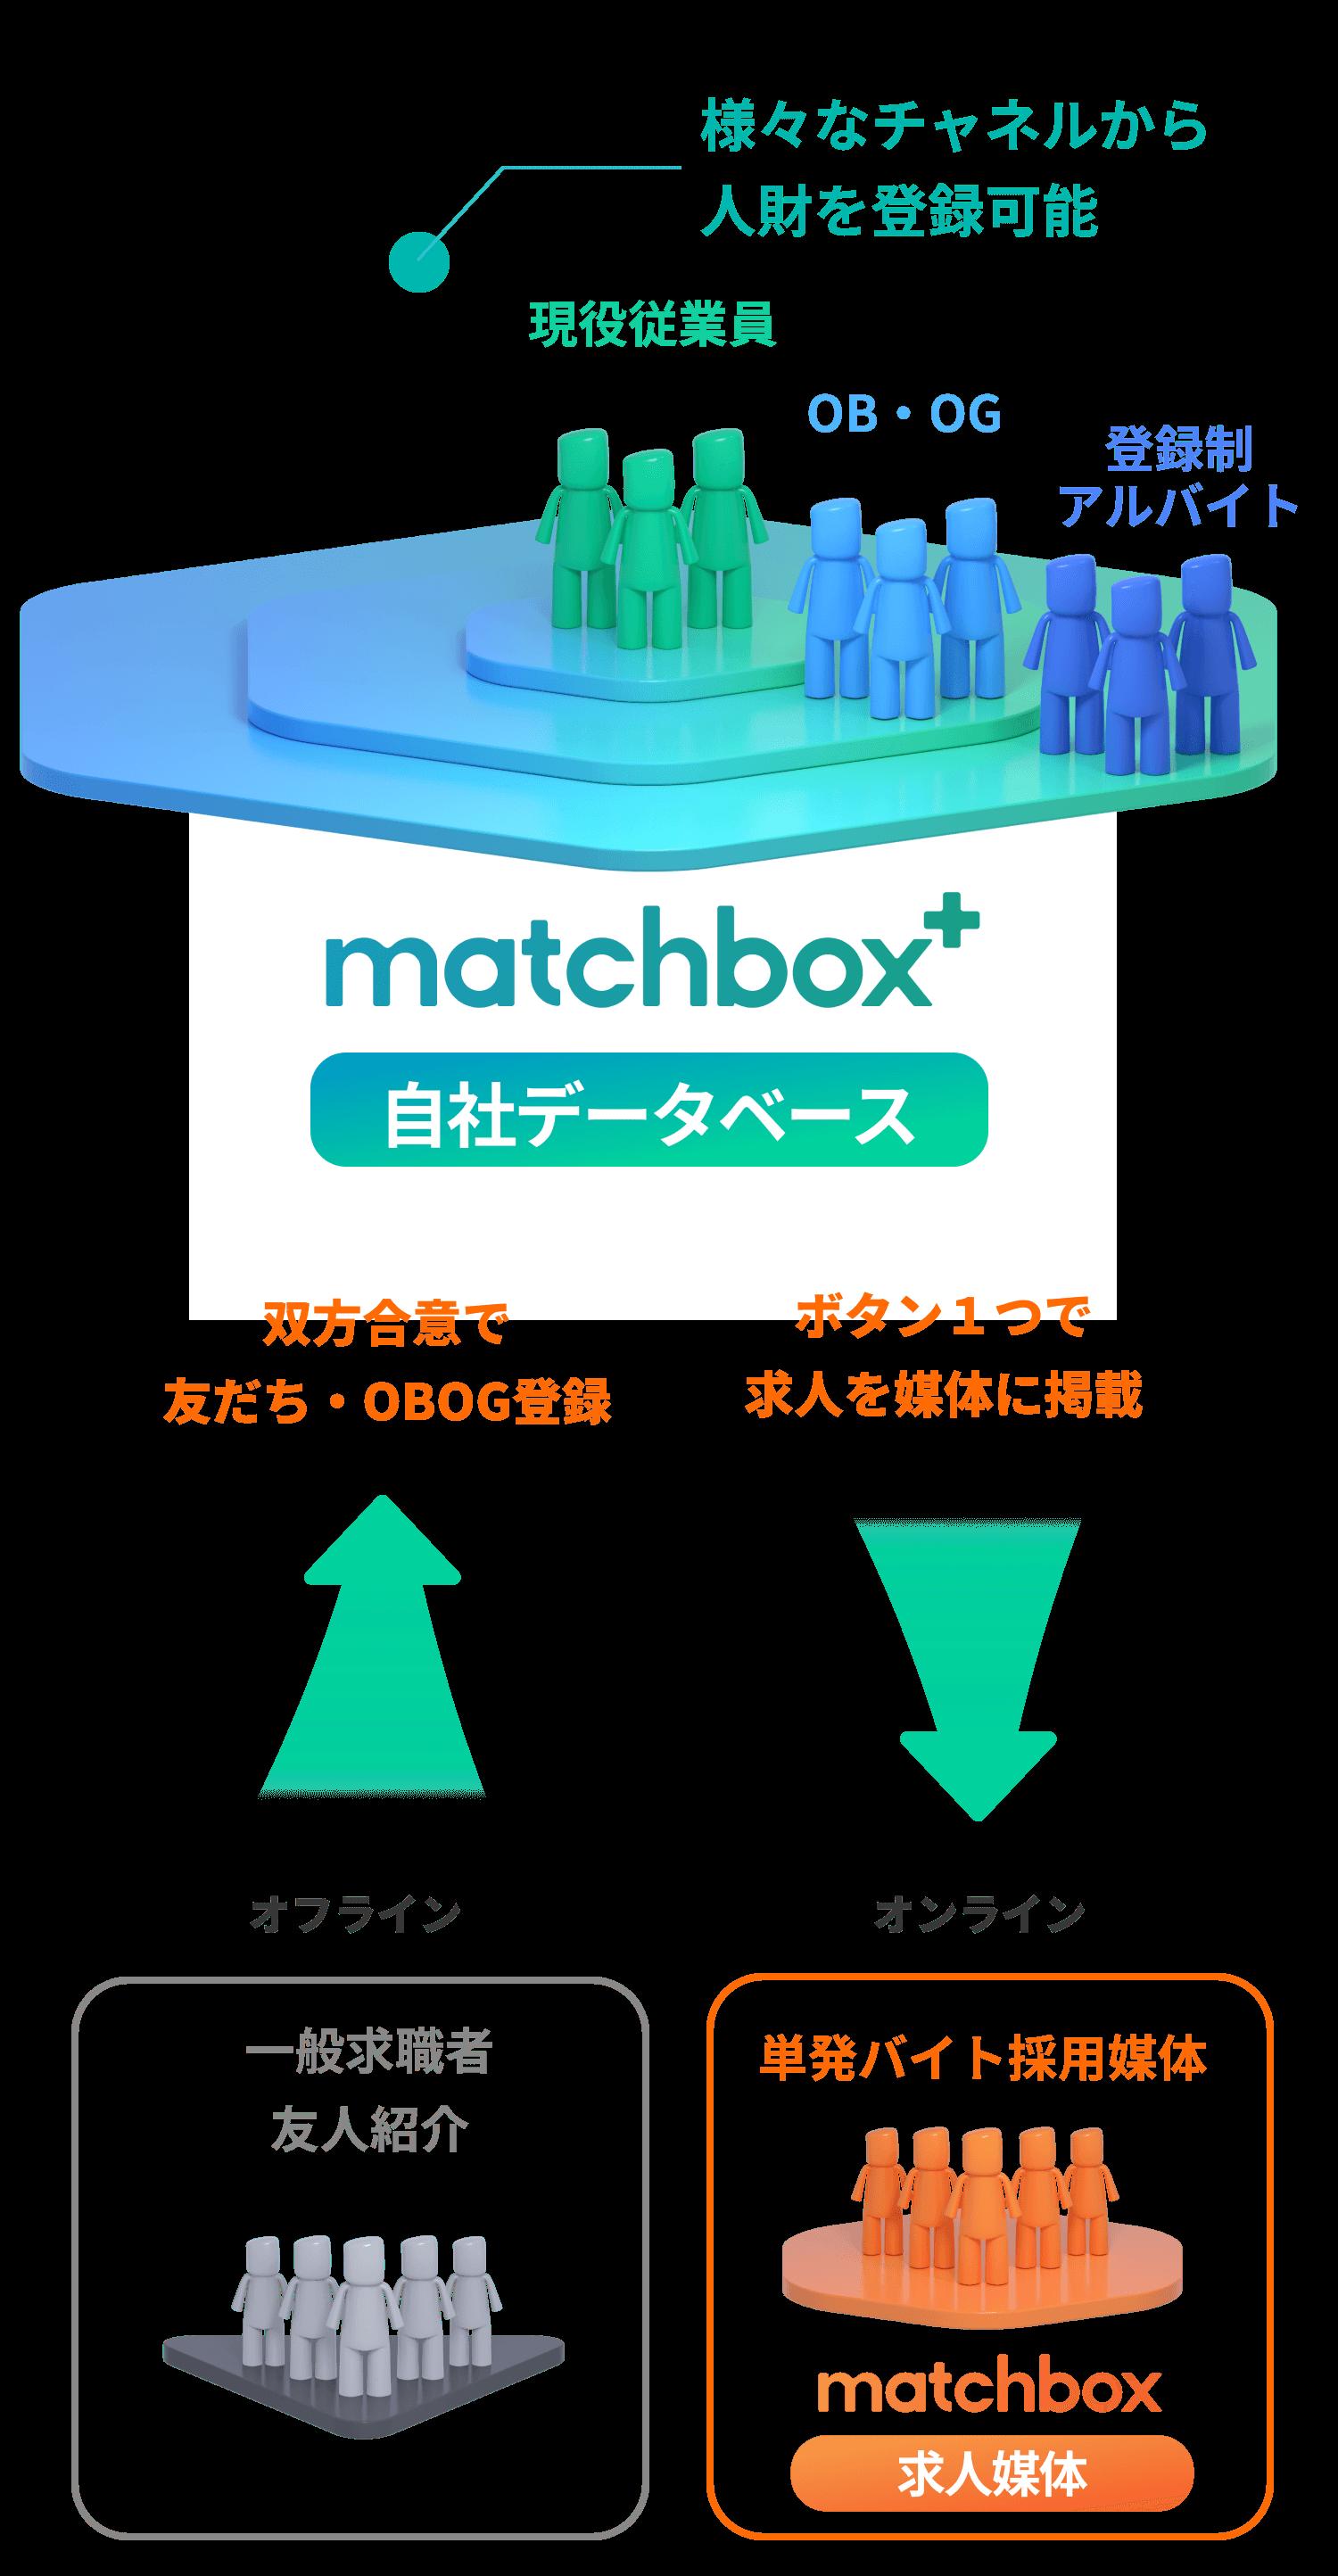 matchbox+自社データベース